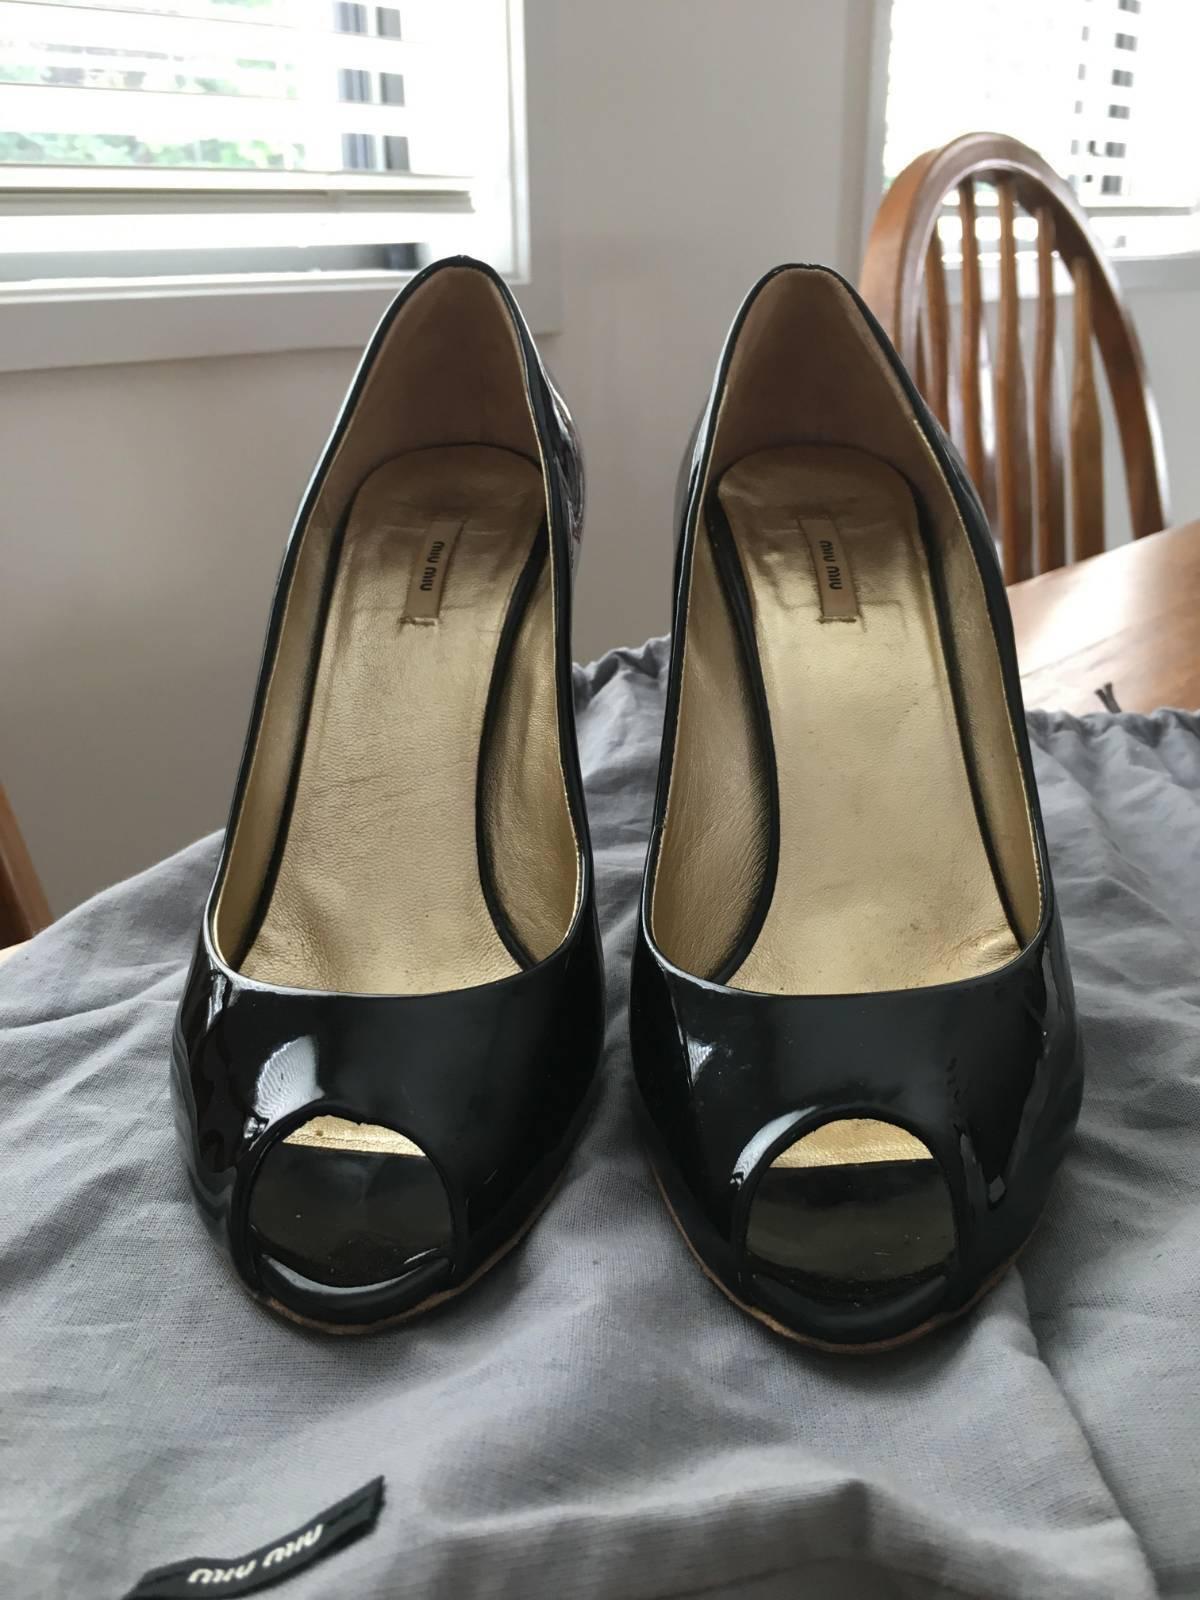 memorizzare Miu Miu nero leater leater leater Peeptoe Heels with oro heel. Dimensione 37  comprare sconti